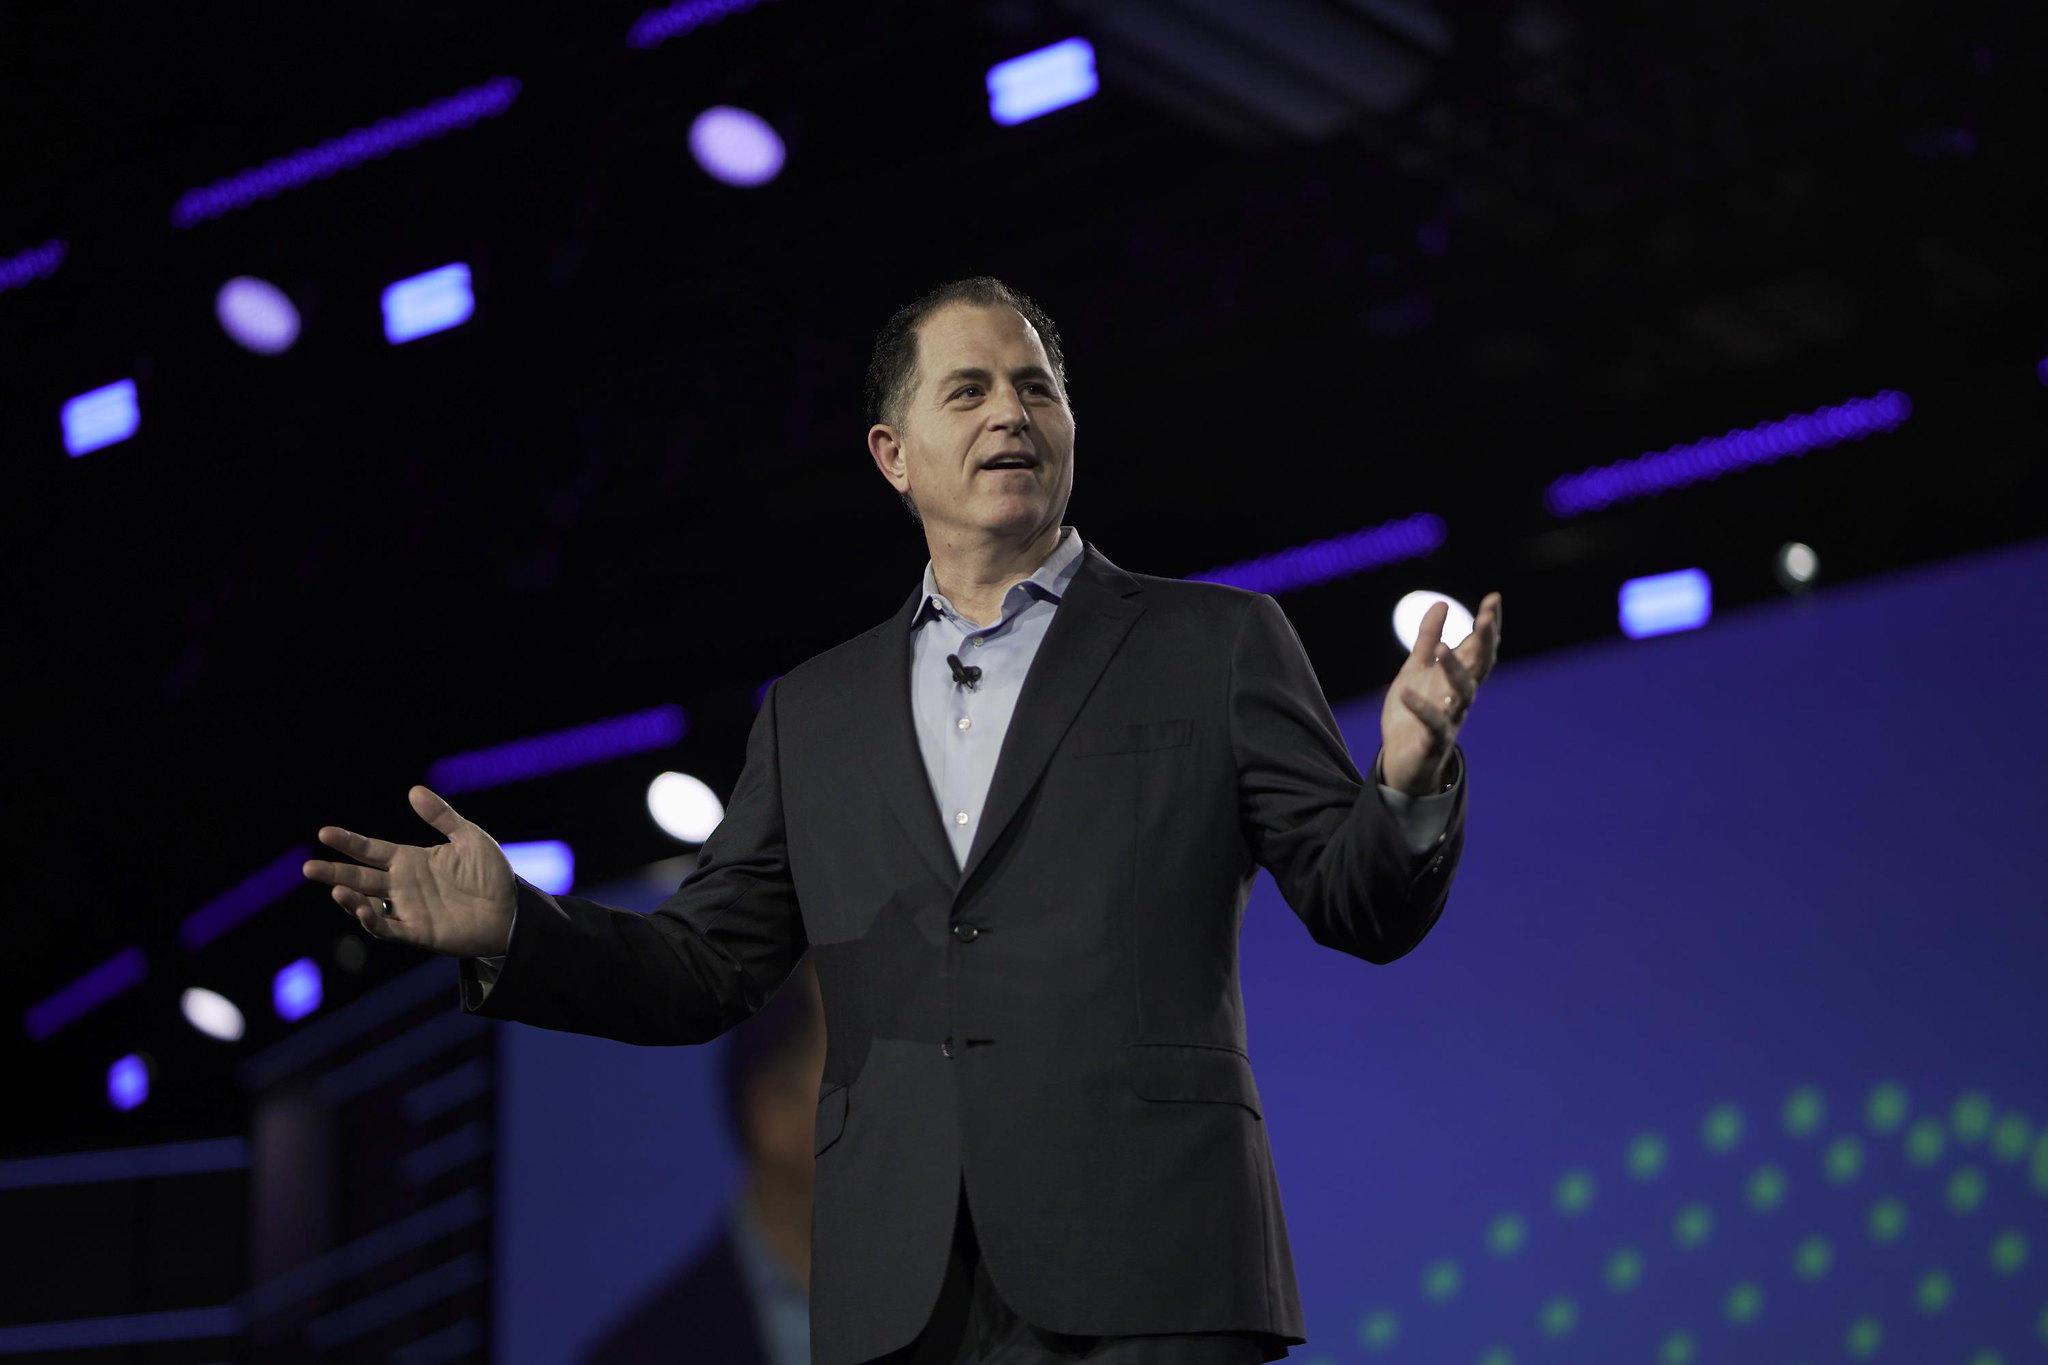 """Điều hành công ty như Michael Dell: Sáp nhập, thâu tóm liên miên, chật vật để """"cân bằng văn hoá"""""""